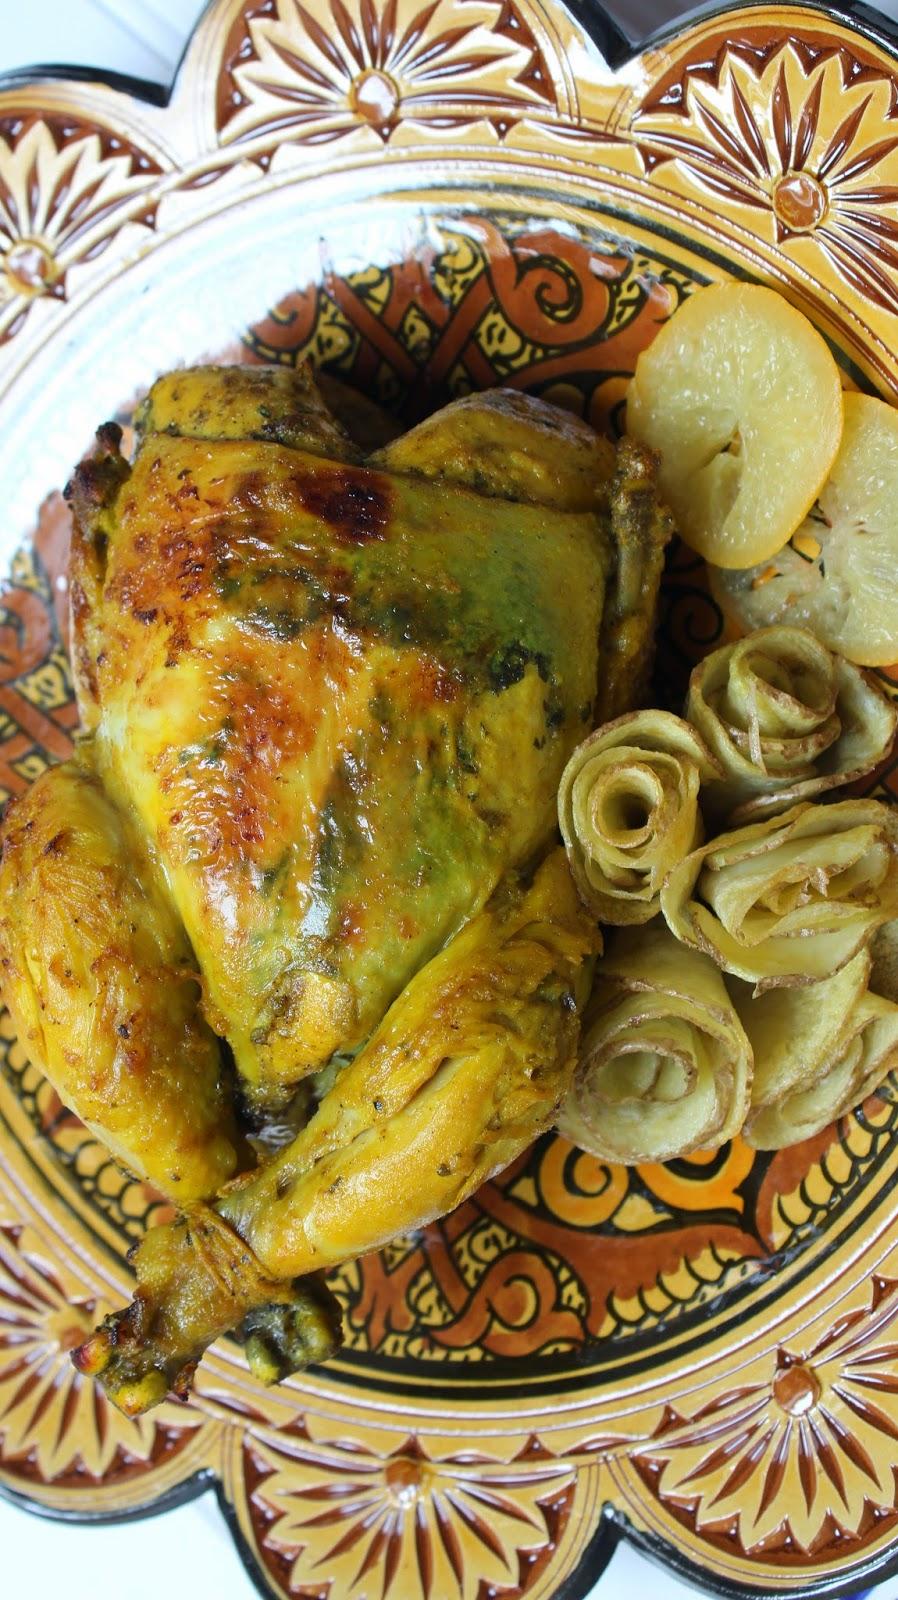 pollo-marroquí-relleno-con-fideos-chinos